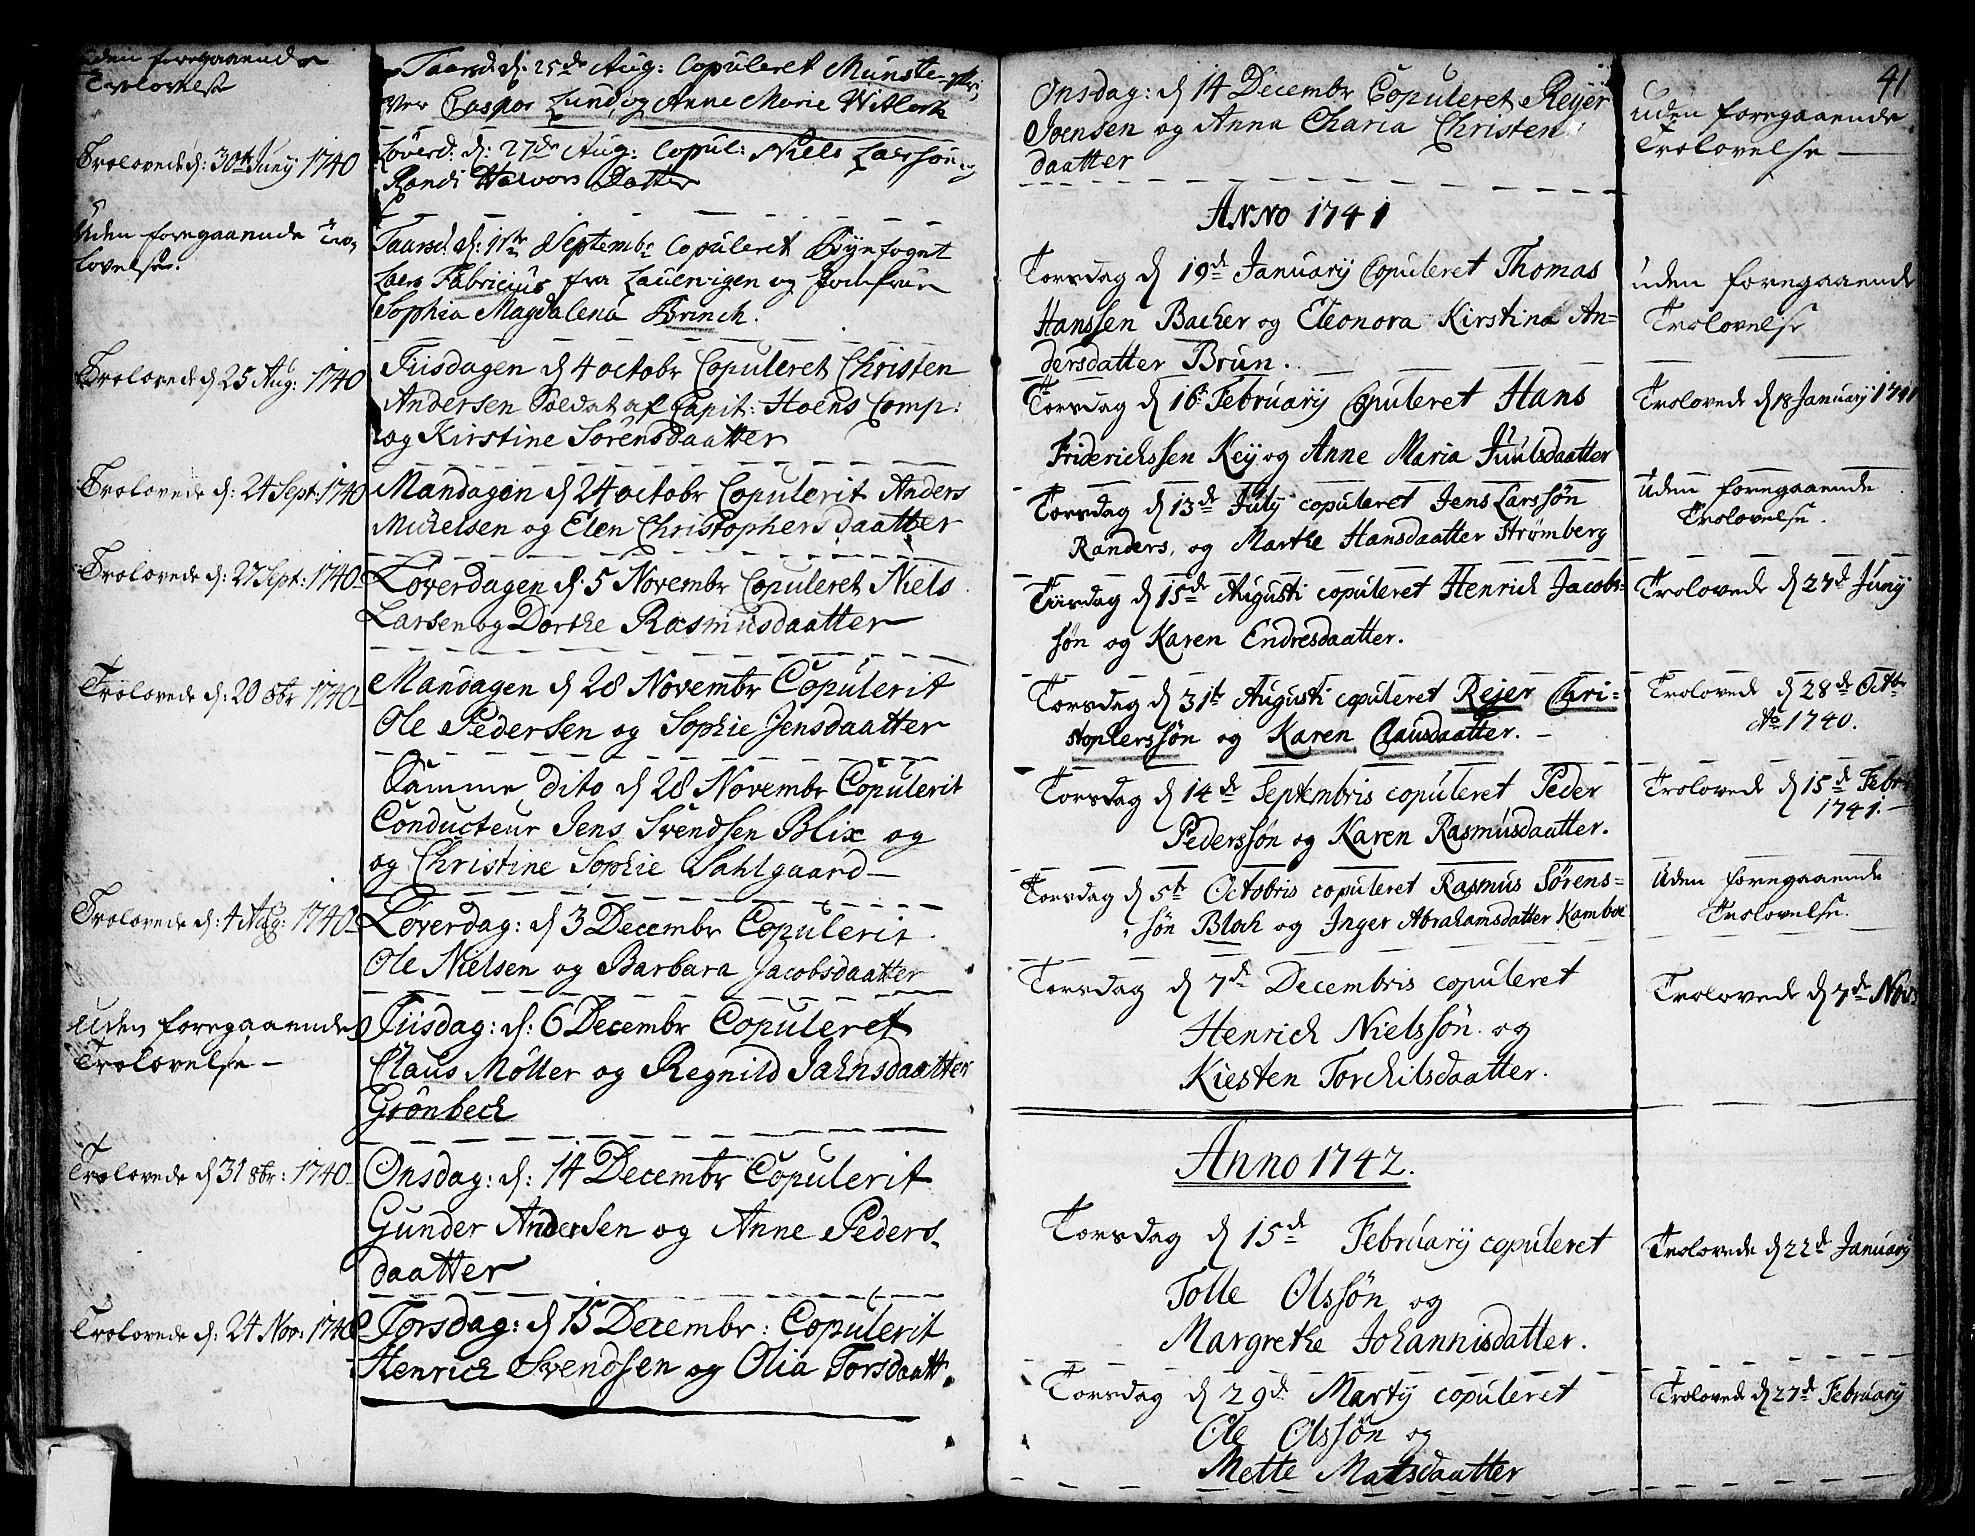 SAKO, Strømsø kirkebøker, F/Fa/L0007: Ministerialbok nr. I 7, 1739-1751, s. 42